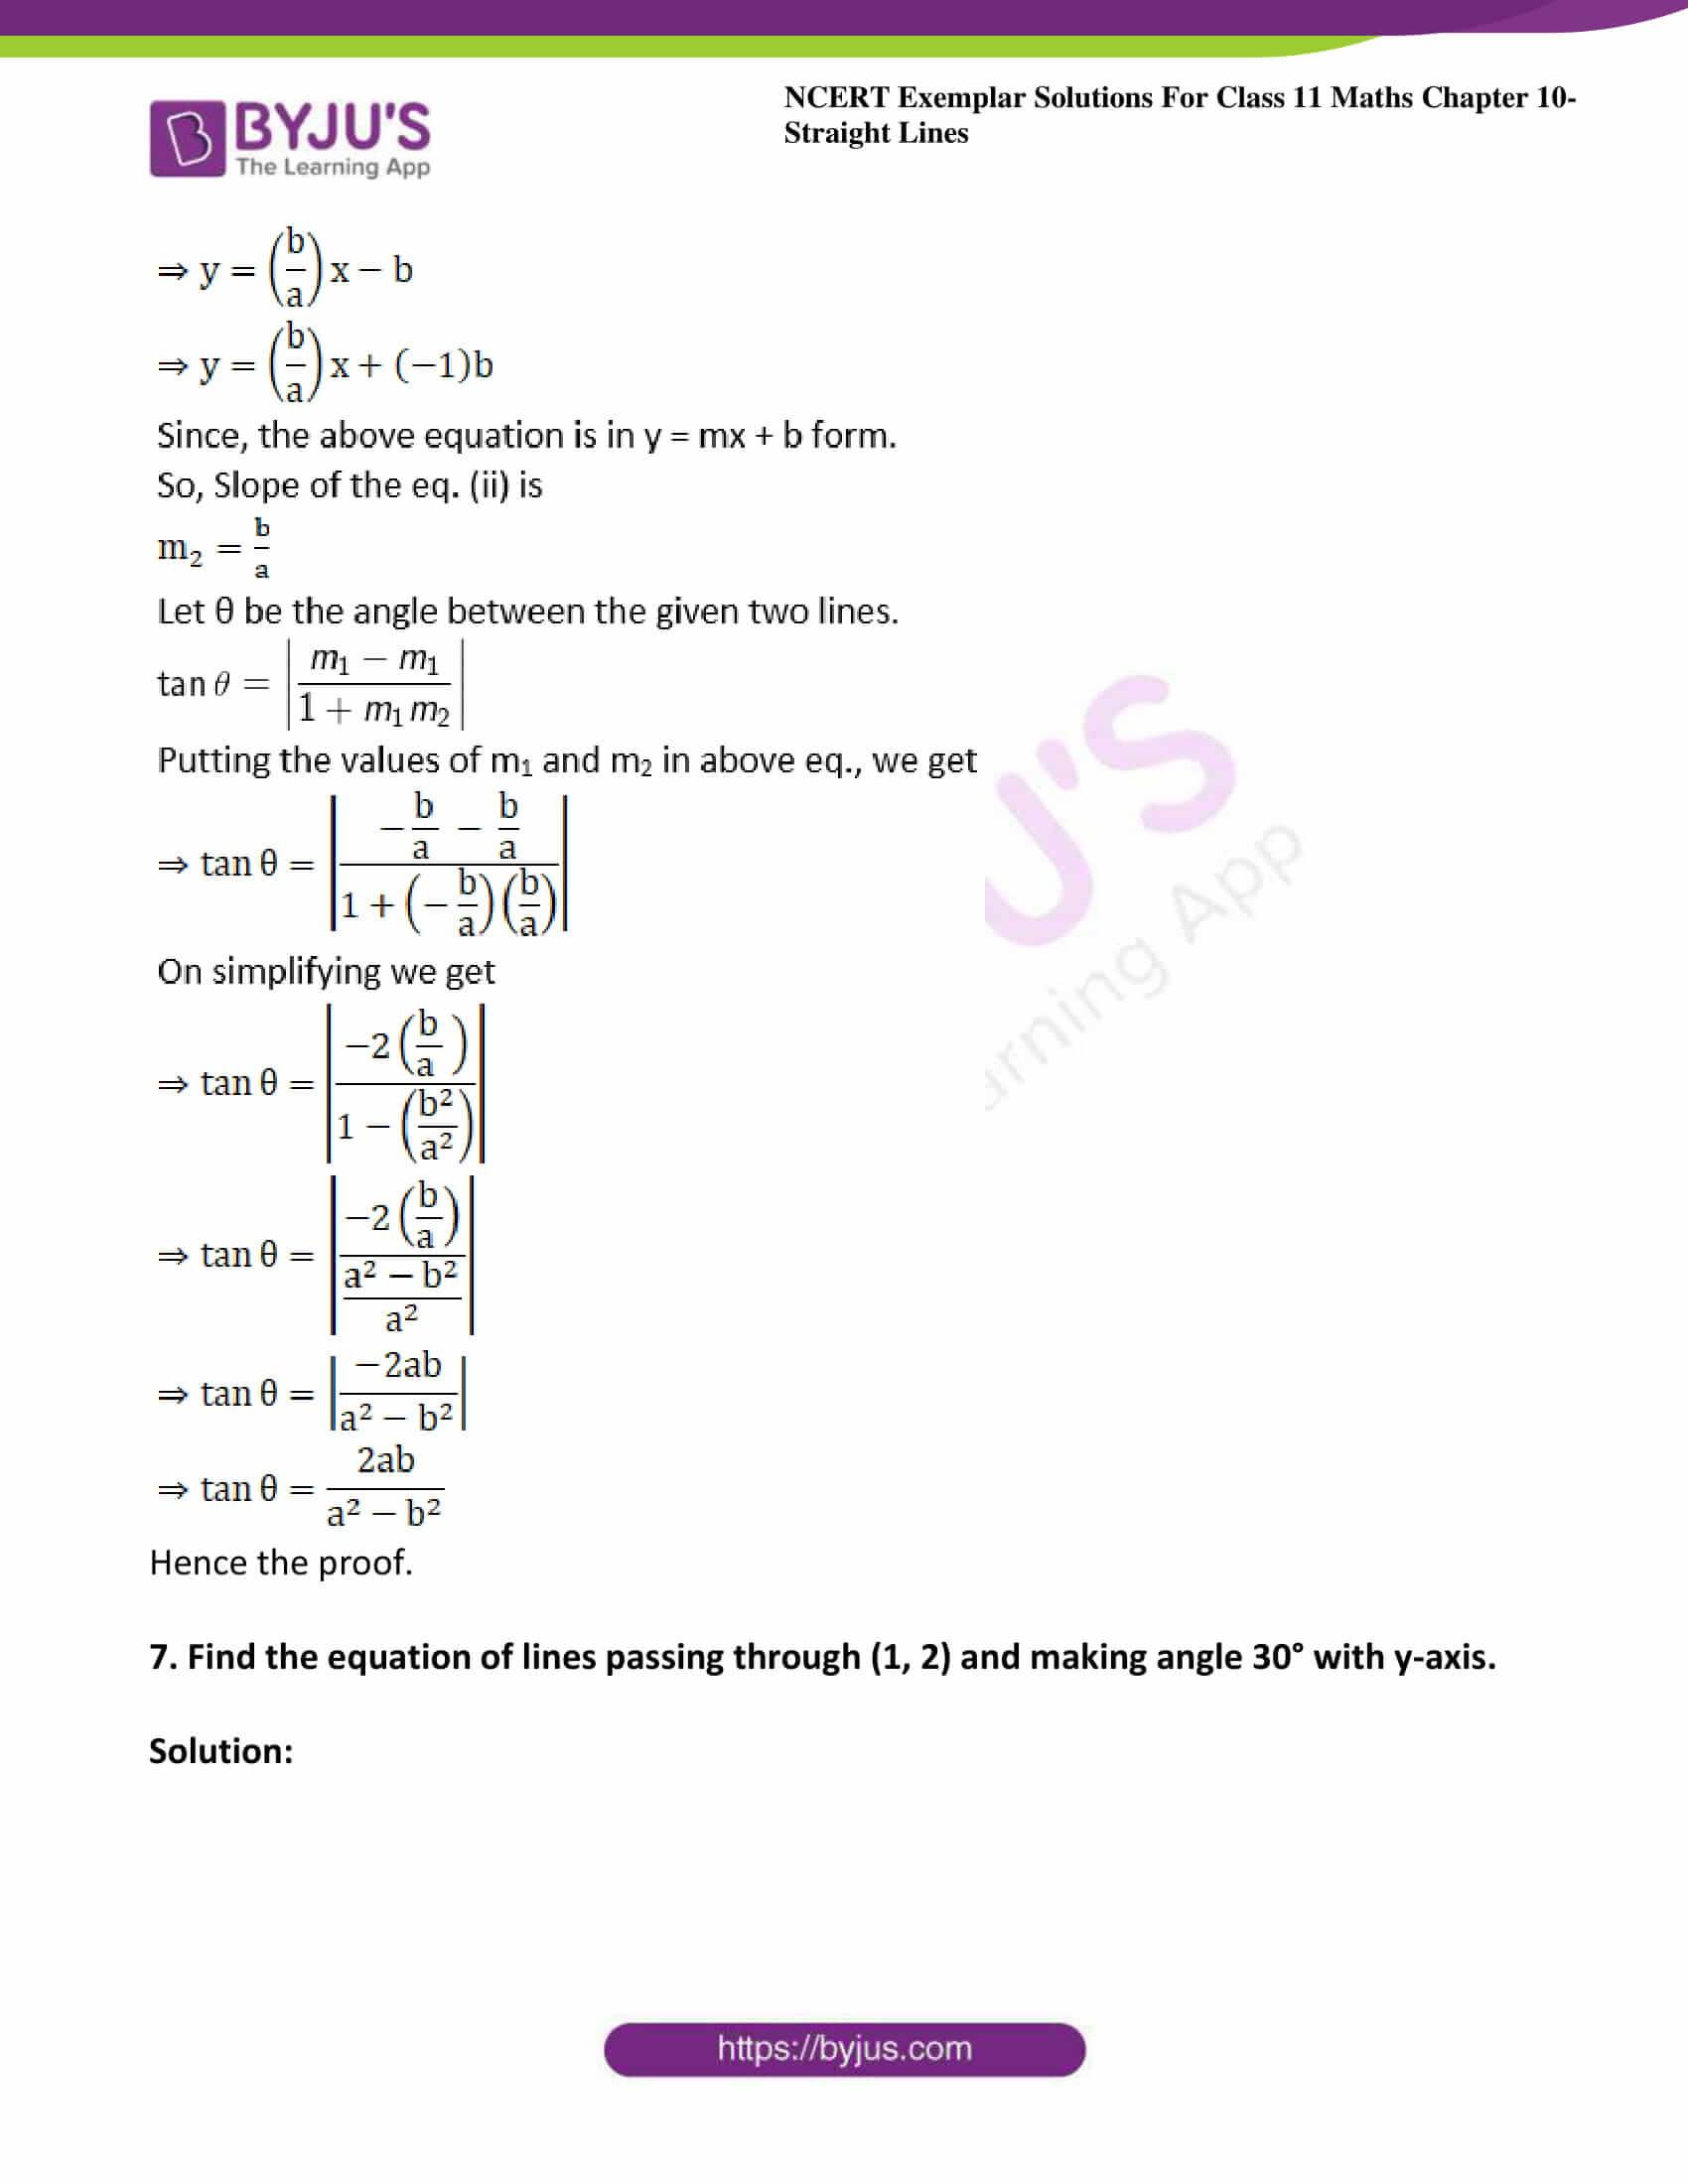 ncert exemplar sol class 11 maths chpt 10 straight lines 07